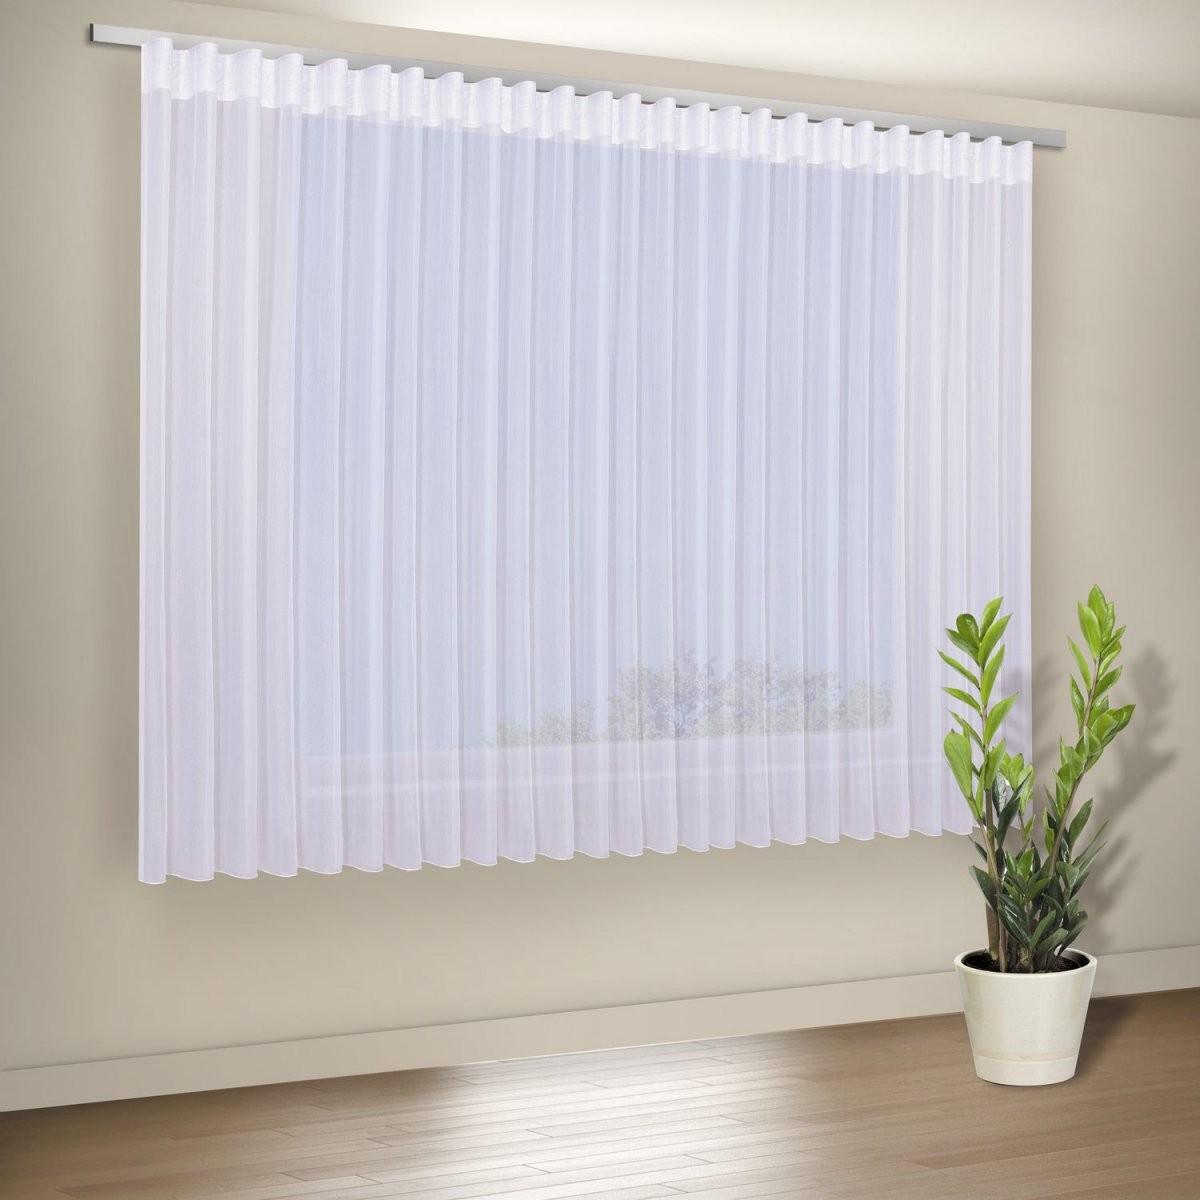 Vorhang Von X Cm Feine 160 Horizontale Beste Lang 300 Gardine Yvgyfbi76 von Gardinen 300 Cm Lang Photo